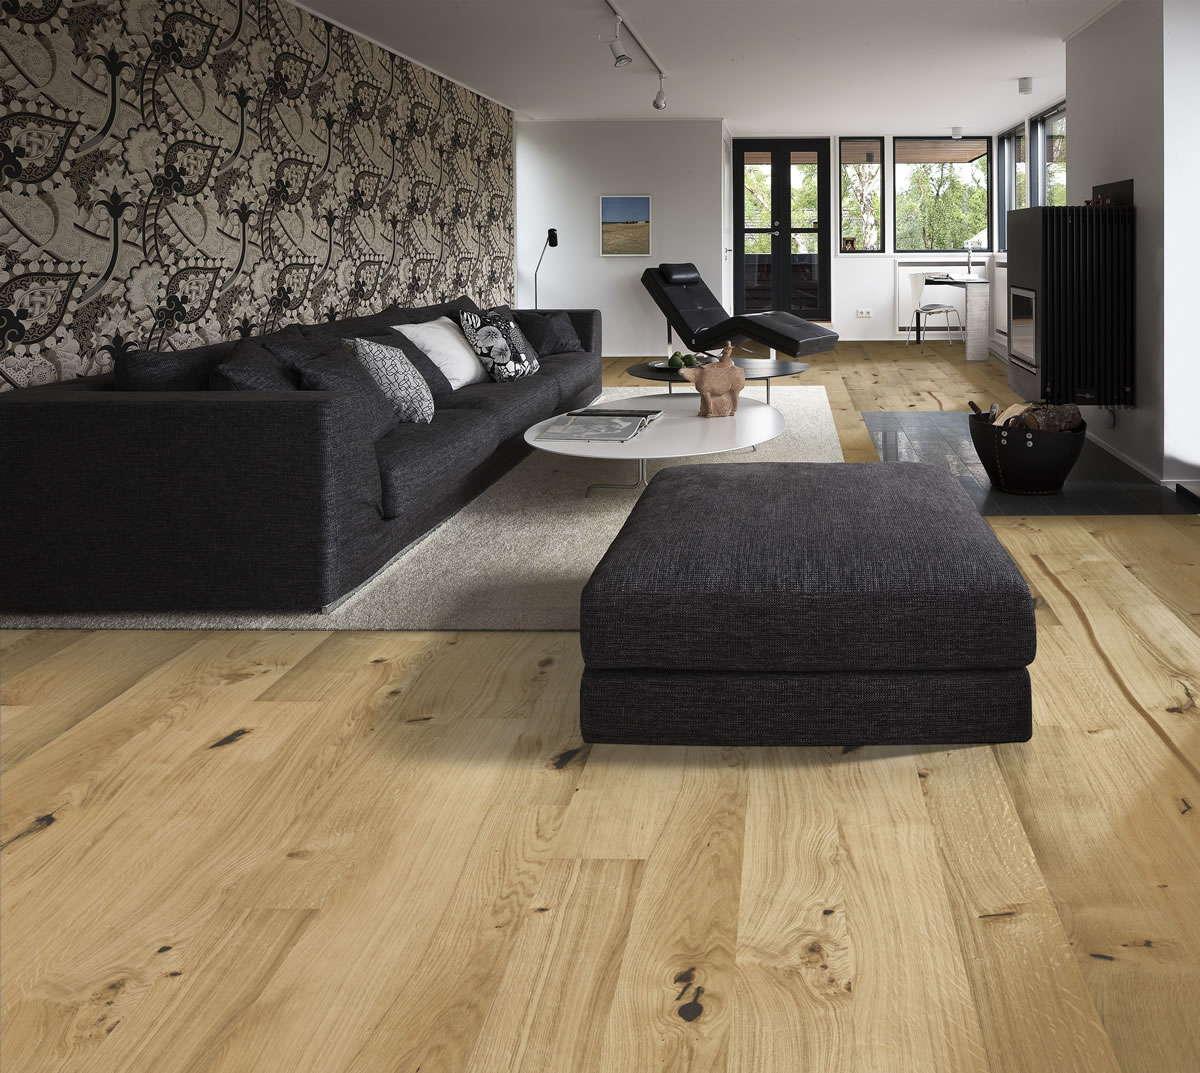 kahrs linnea oak village engineered wood flooring. Black Bedroom Furniture Sets. Home Design Ideas